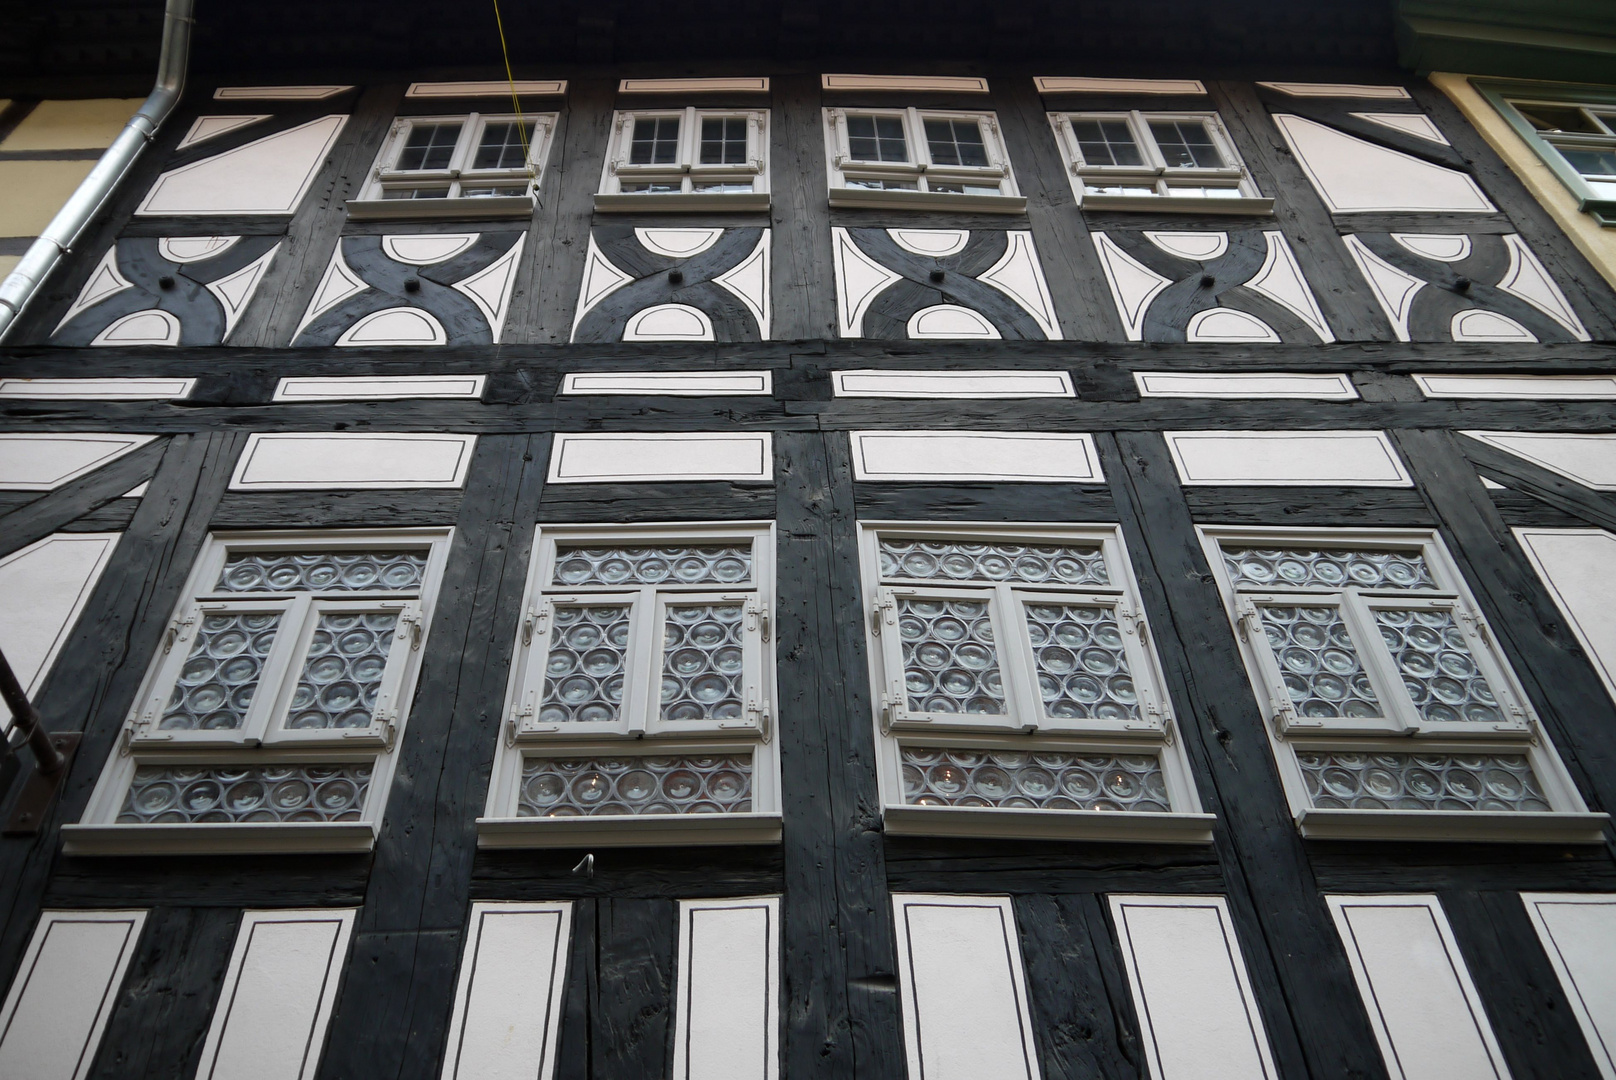 Fenster in der historischen Fassade eines Brückenhauses